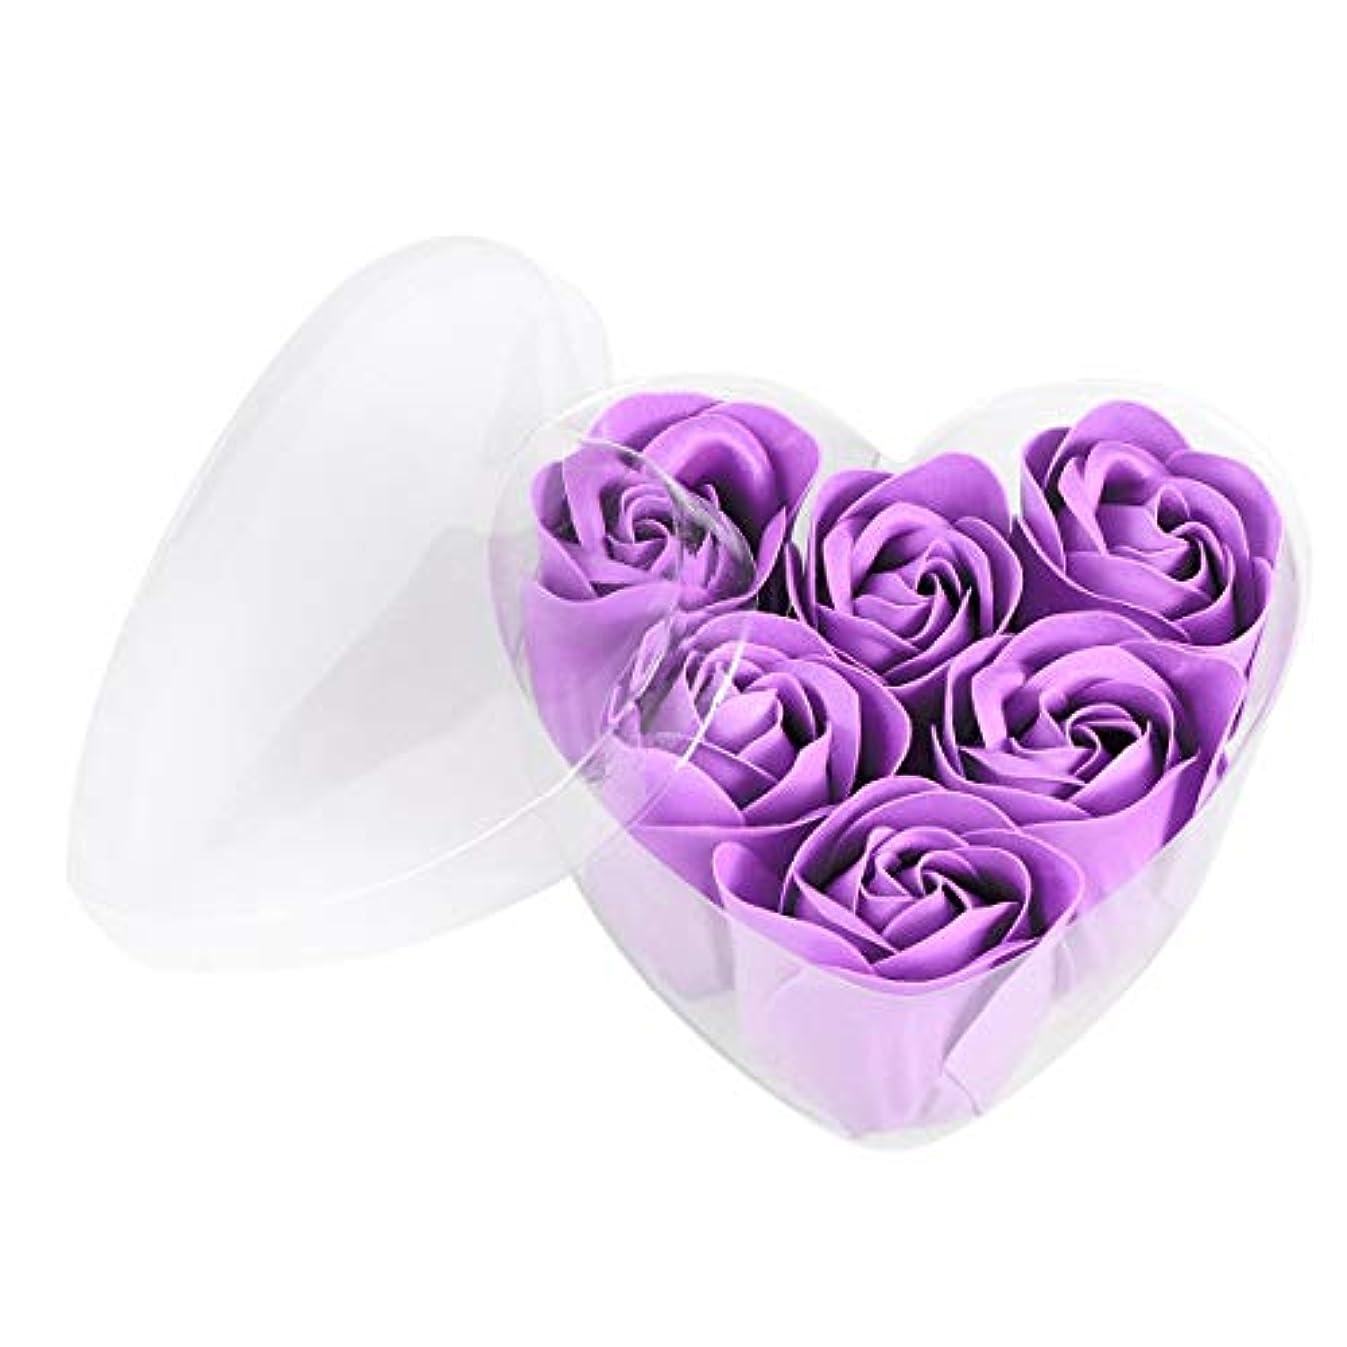 有名勝者困ったFRCOLOR 6ピースシミュレーションローズソープハート型フラワーソープギフトボックス用誕生日Valentin's Day(紫)